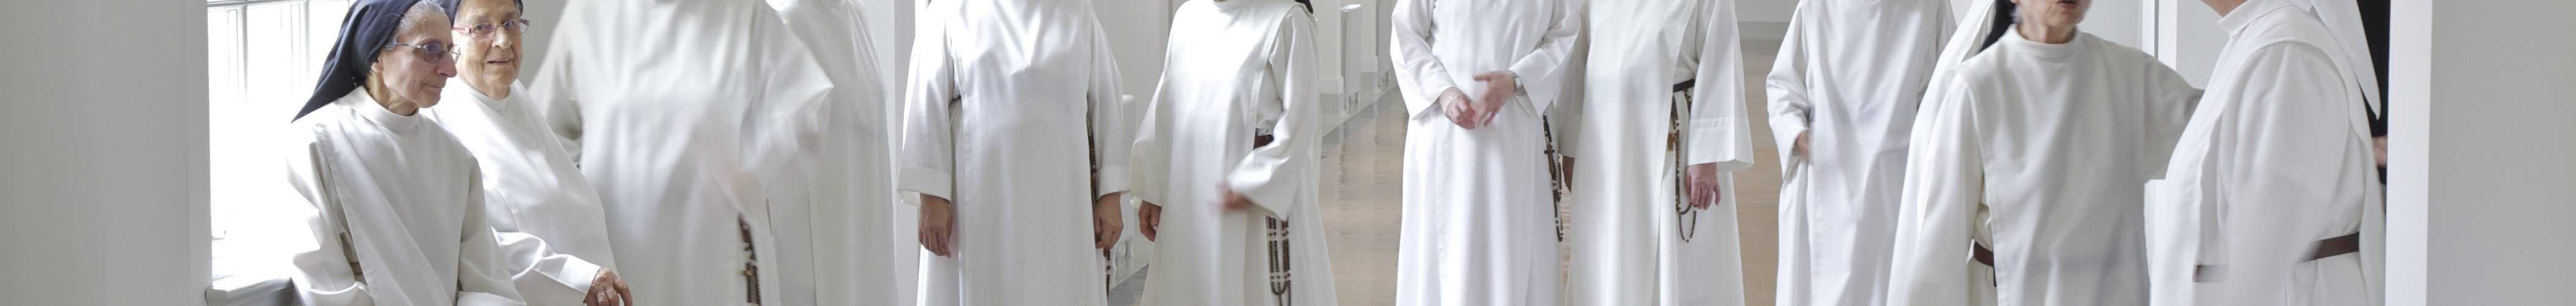 Les Soeurs Dominicaines dans leur monastère de Berthierville